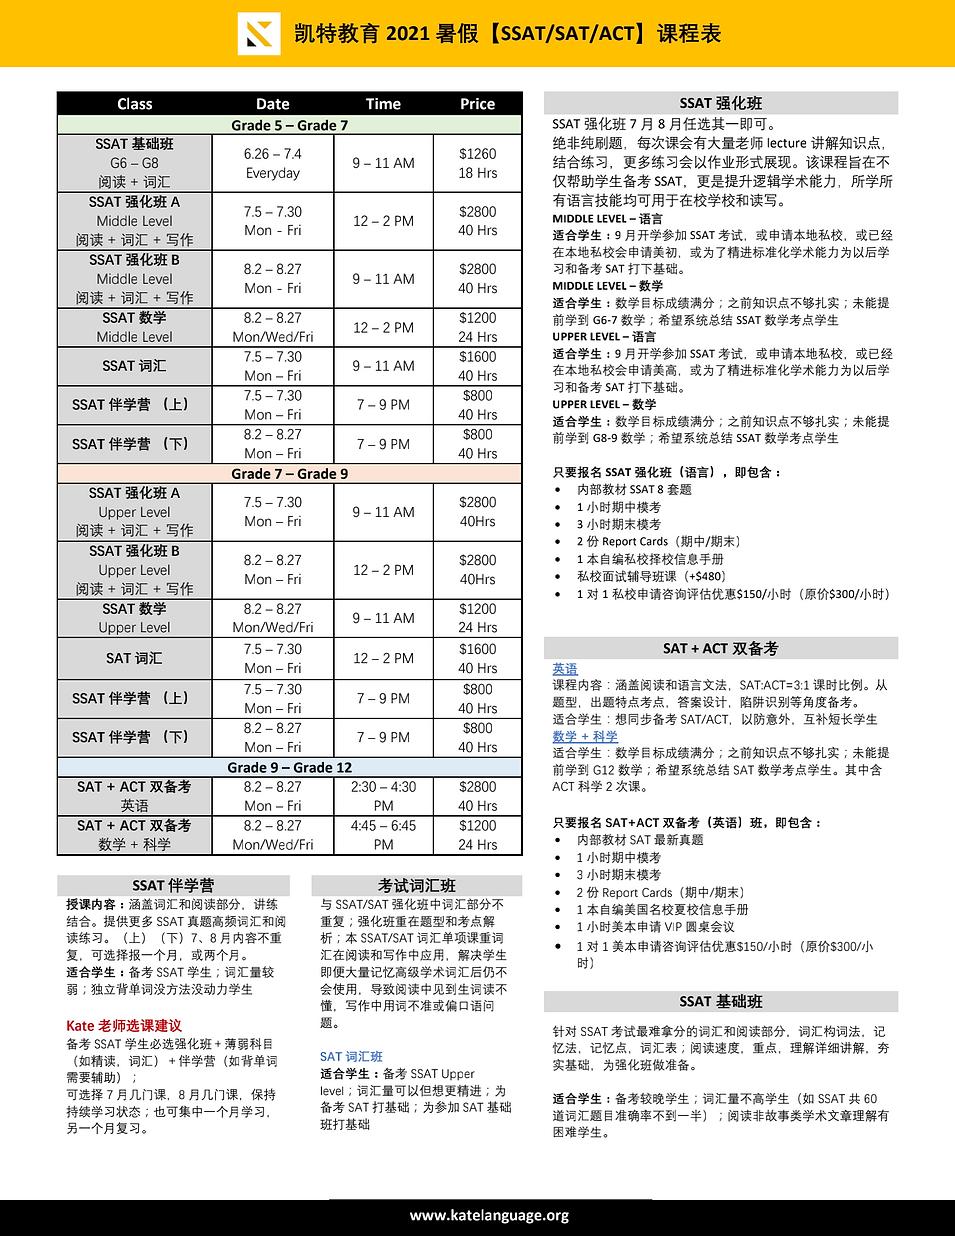 暑假班 - 考试系.png